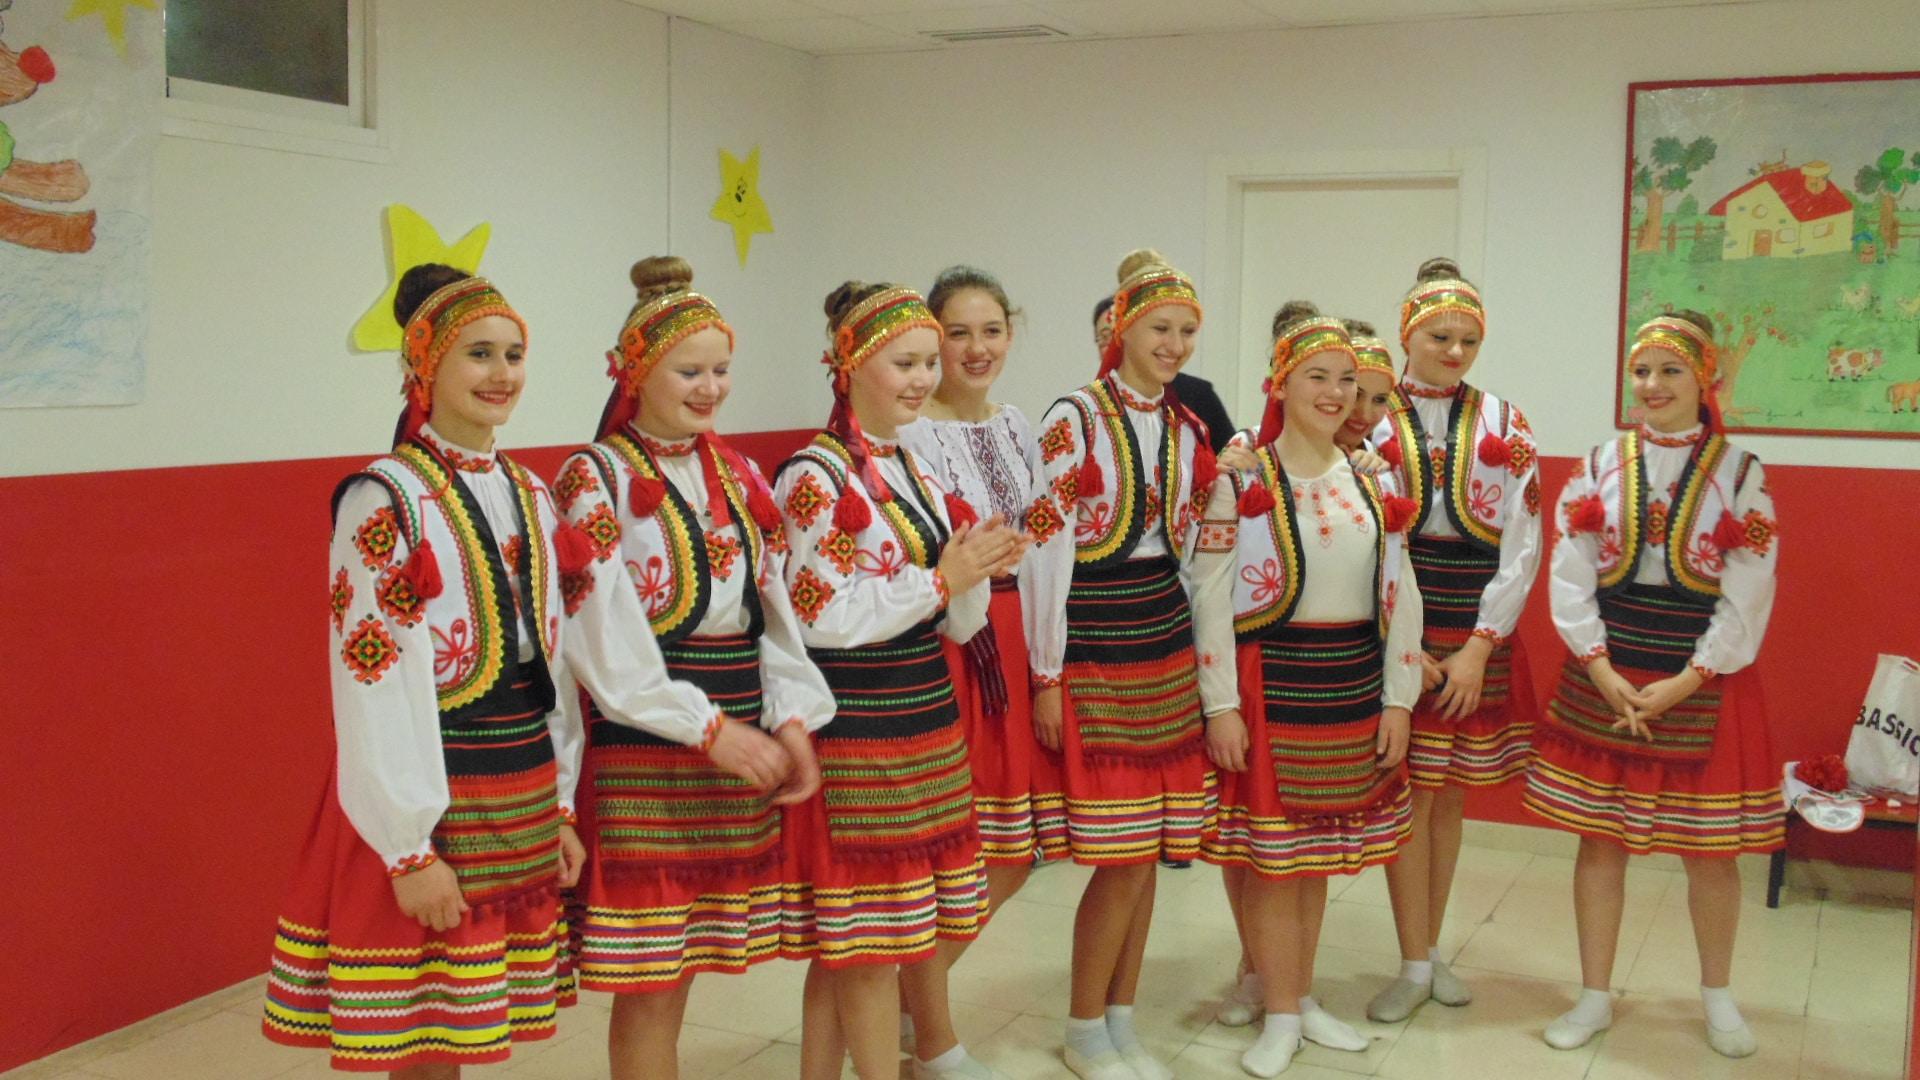 Todo lo relacionado Cultura de Ucrania